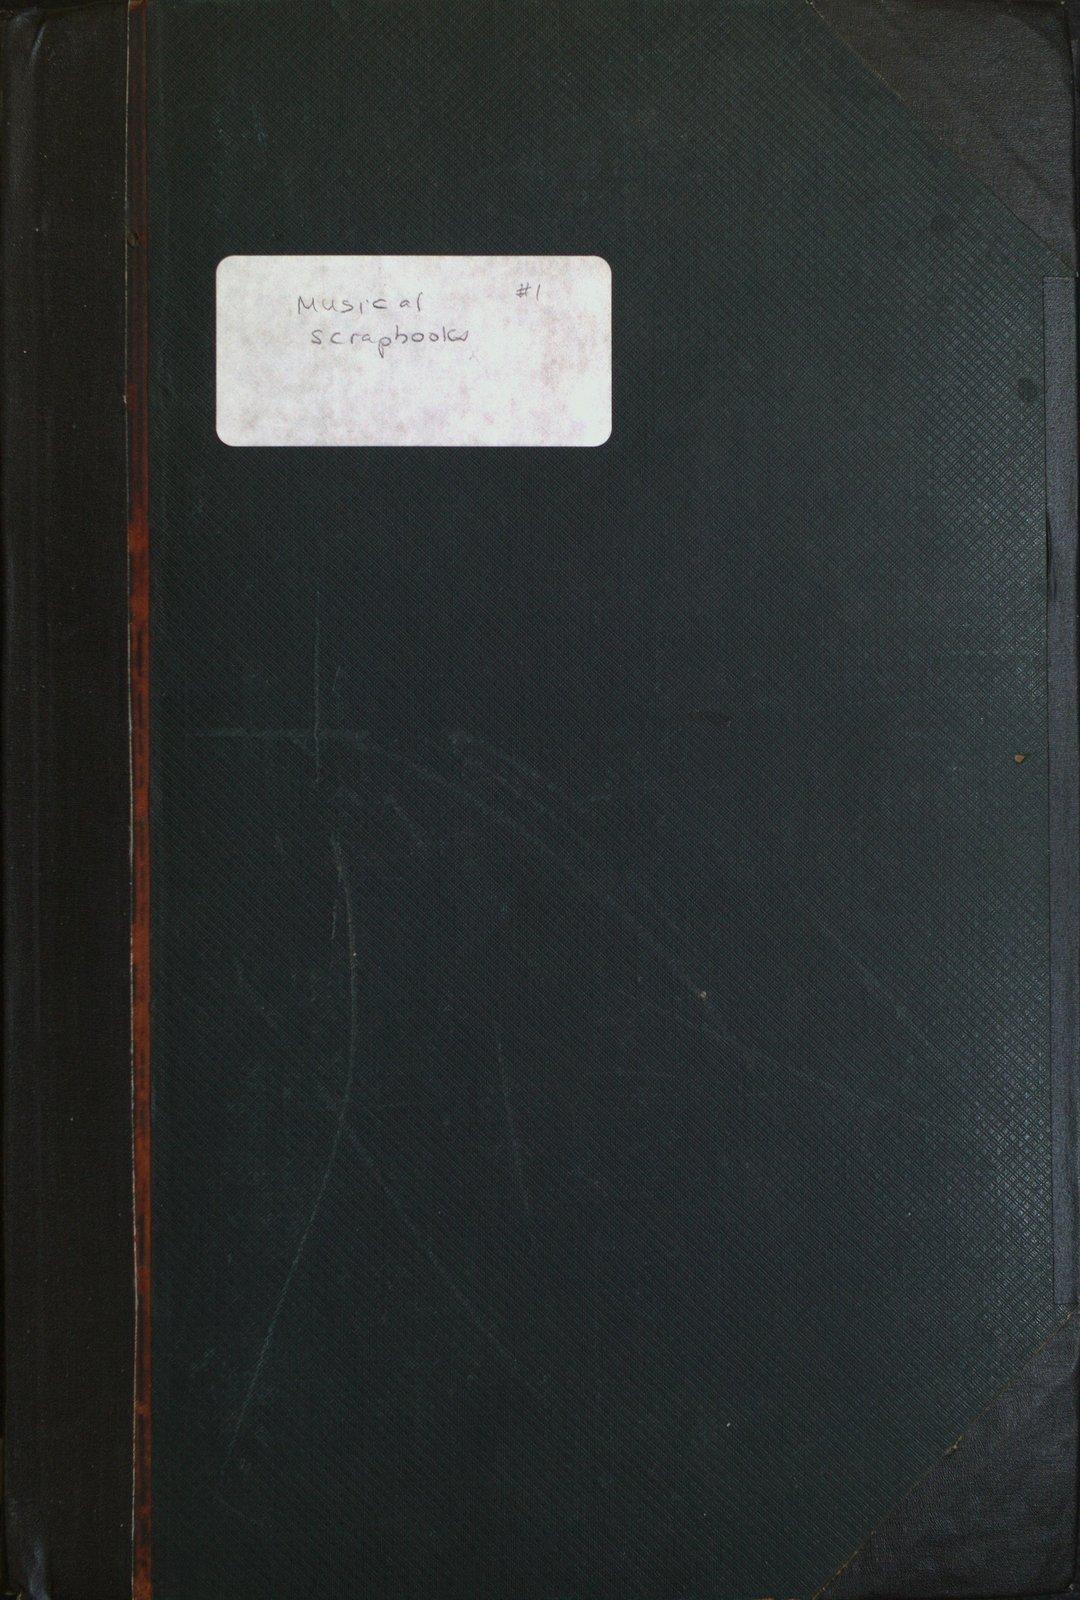 Teresa Vanderburgh's Musical Scrapbook #1